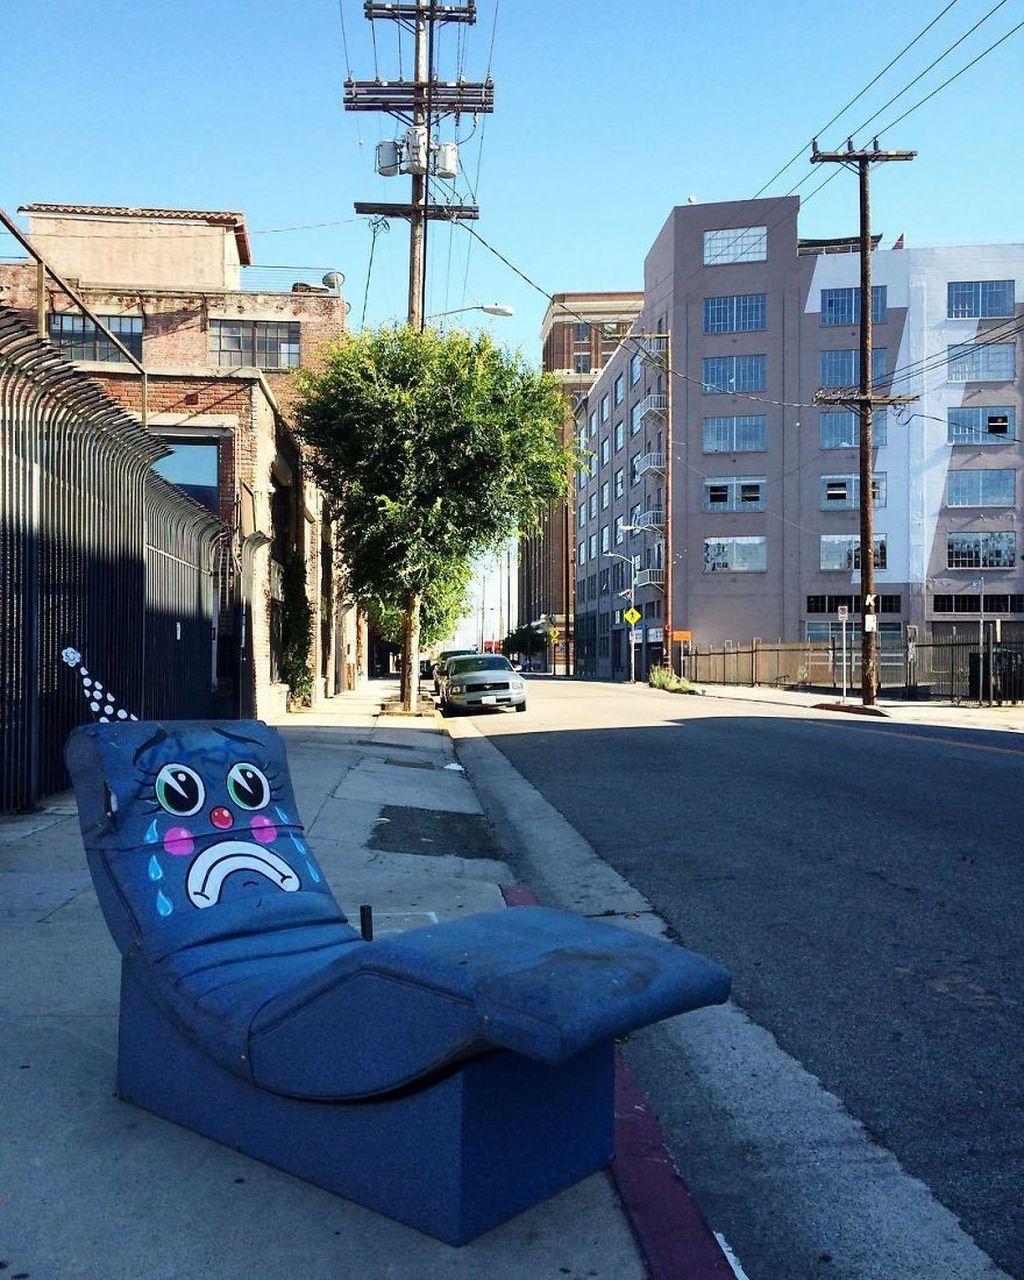 Seniman itu suka menggambar di berbagai benda yang dibuang pemiliknya, terutama yang paling banyak adalah sofa. Foto: Instagram/Lonesome Town